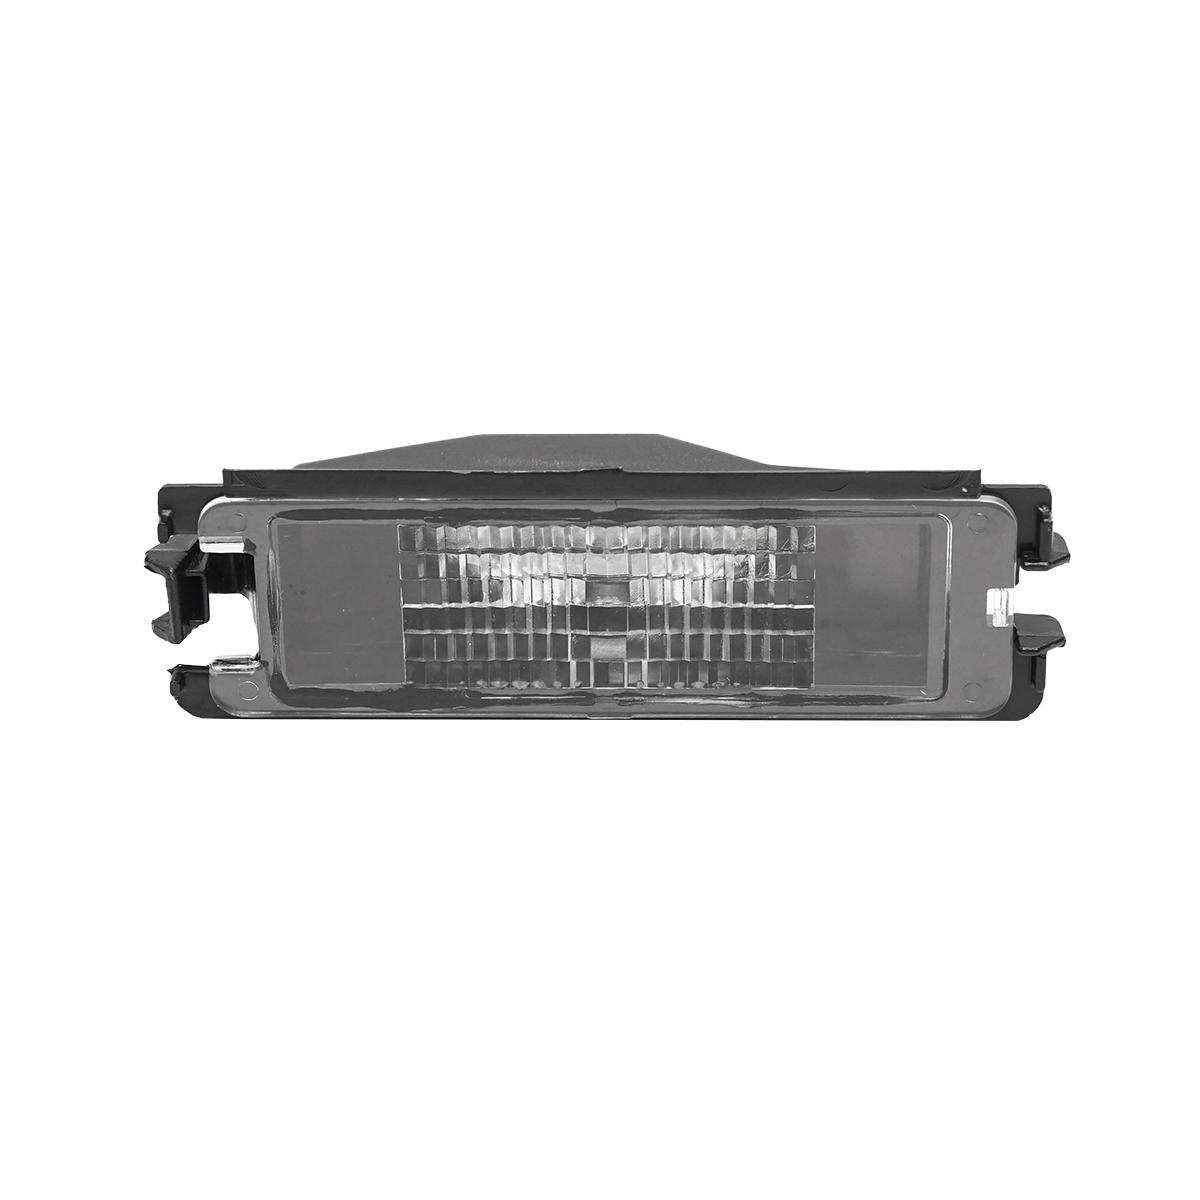 Lampa numar Dacia Logan, Logan II m.n. 8200957874